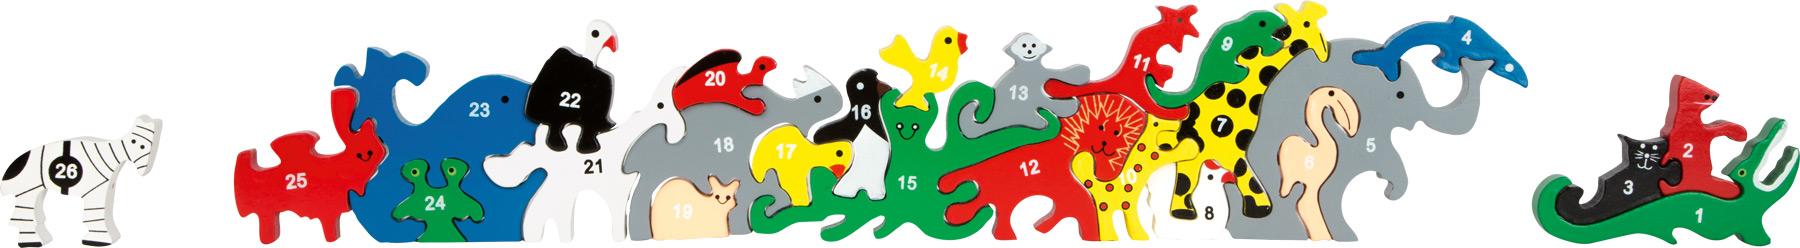 Racine Legler 2020 - Puzzle 3D Animaux lettres et nombres en bois